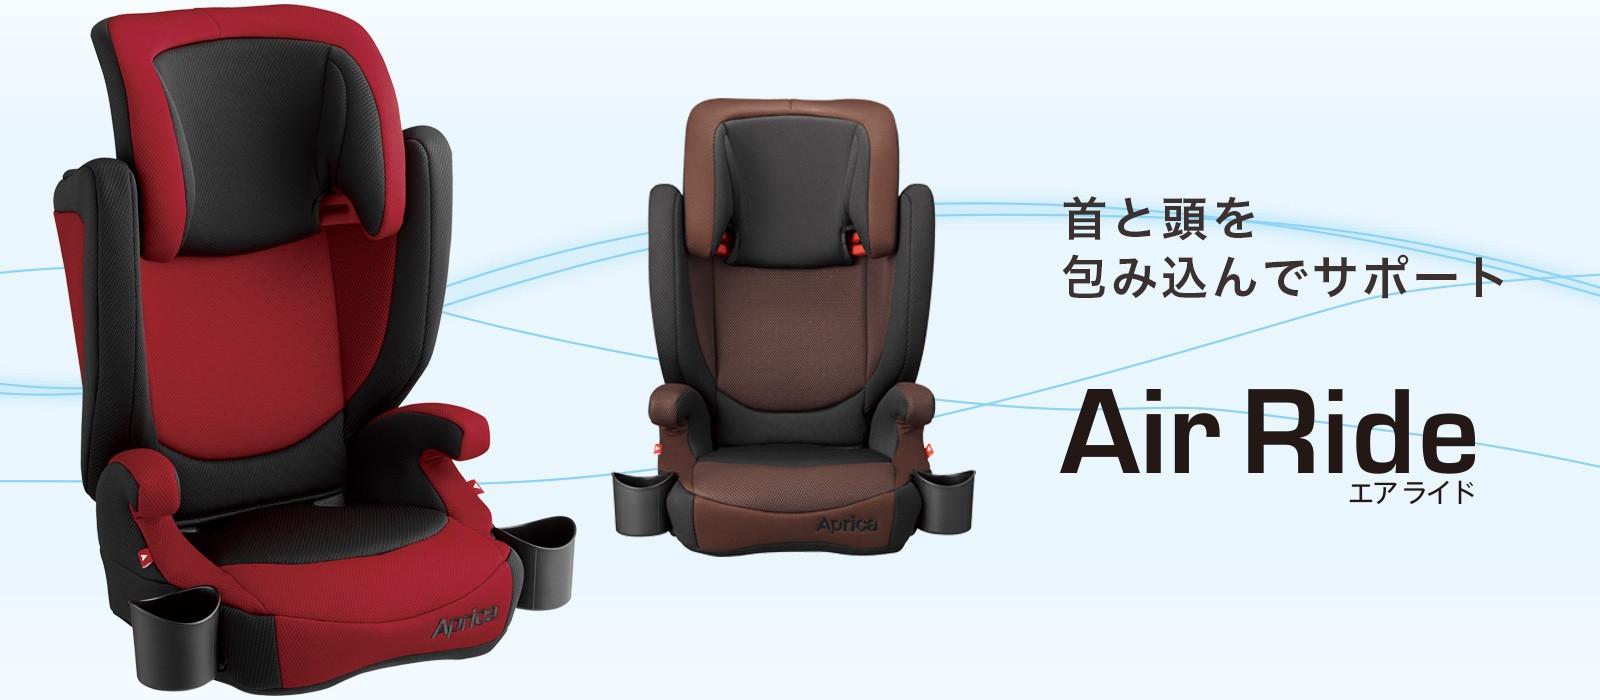 คาร์ซีท Aprica Air Ride - Aprica Thailand